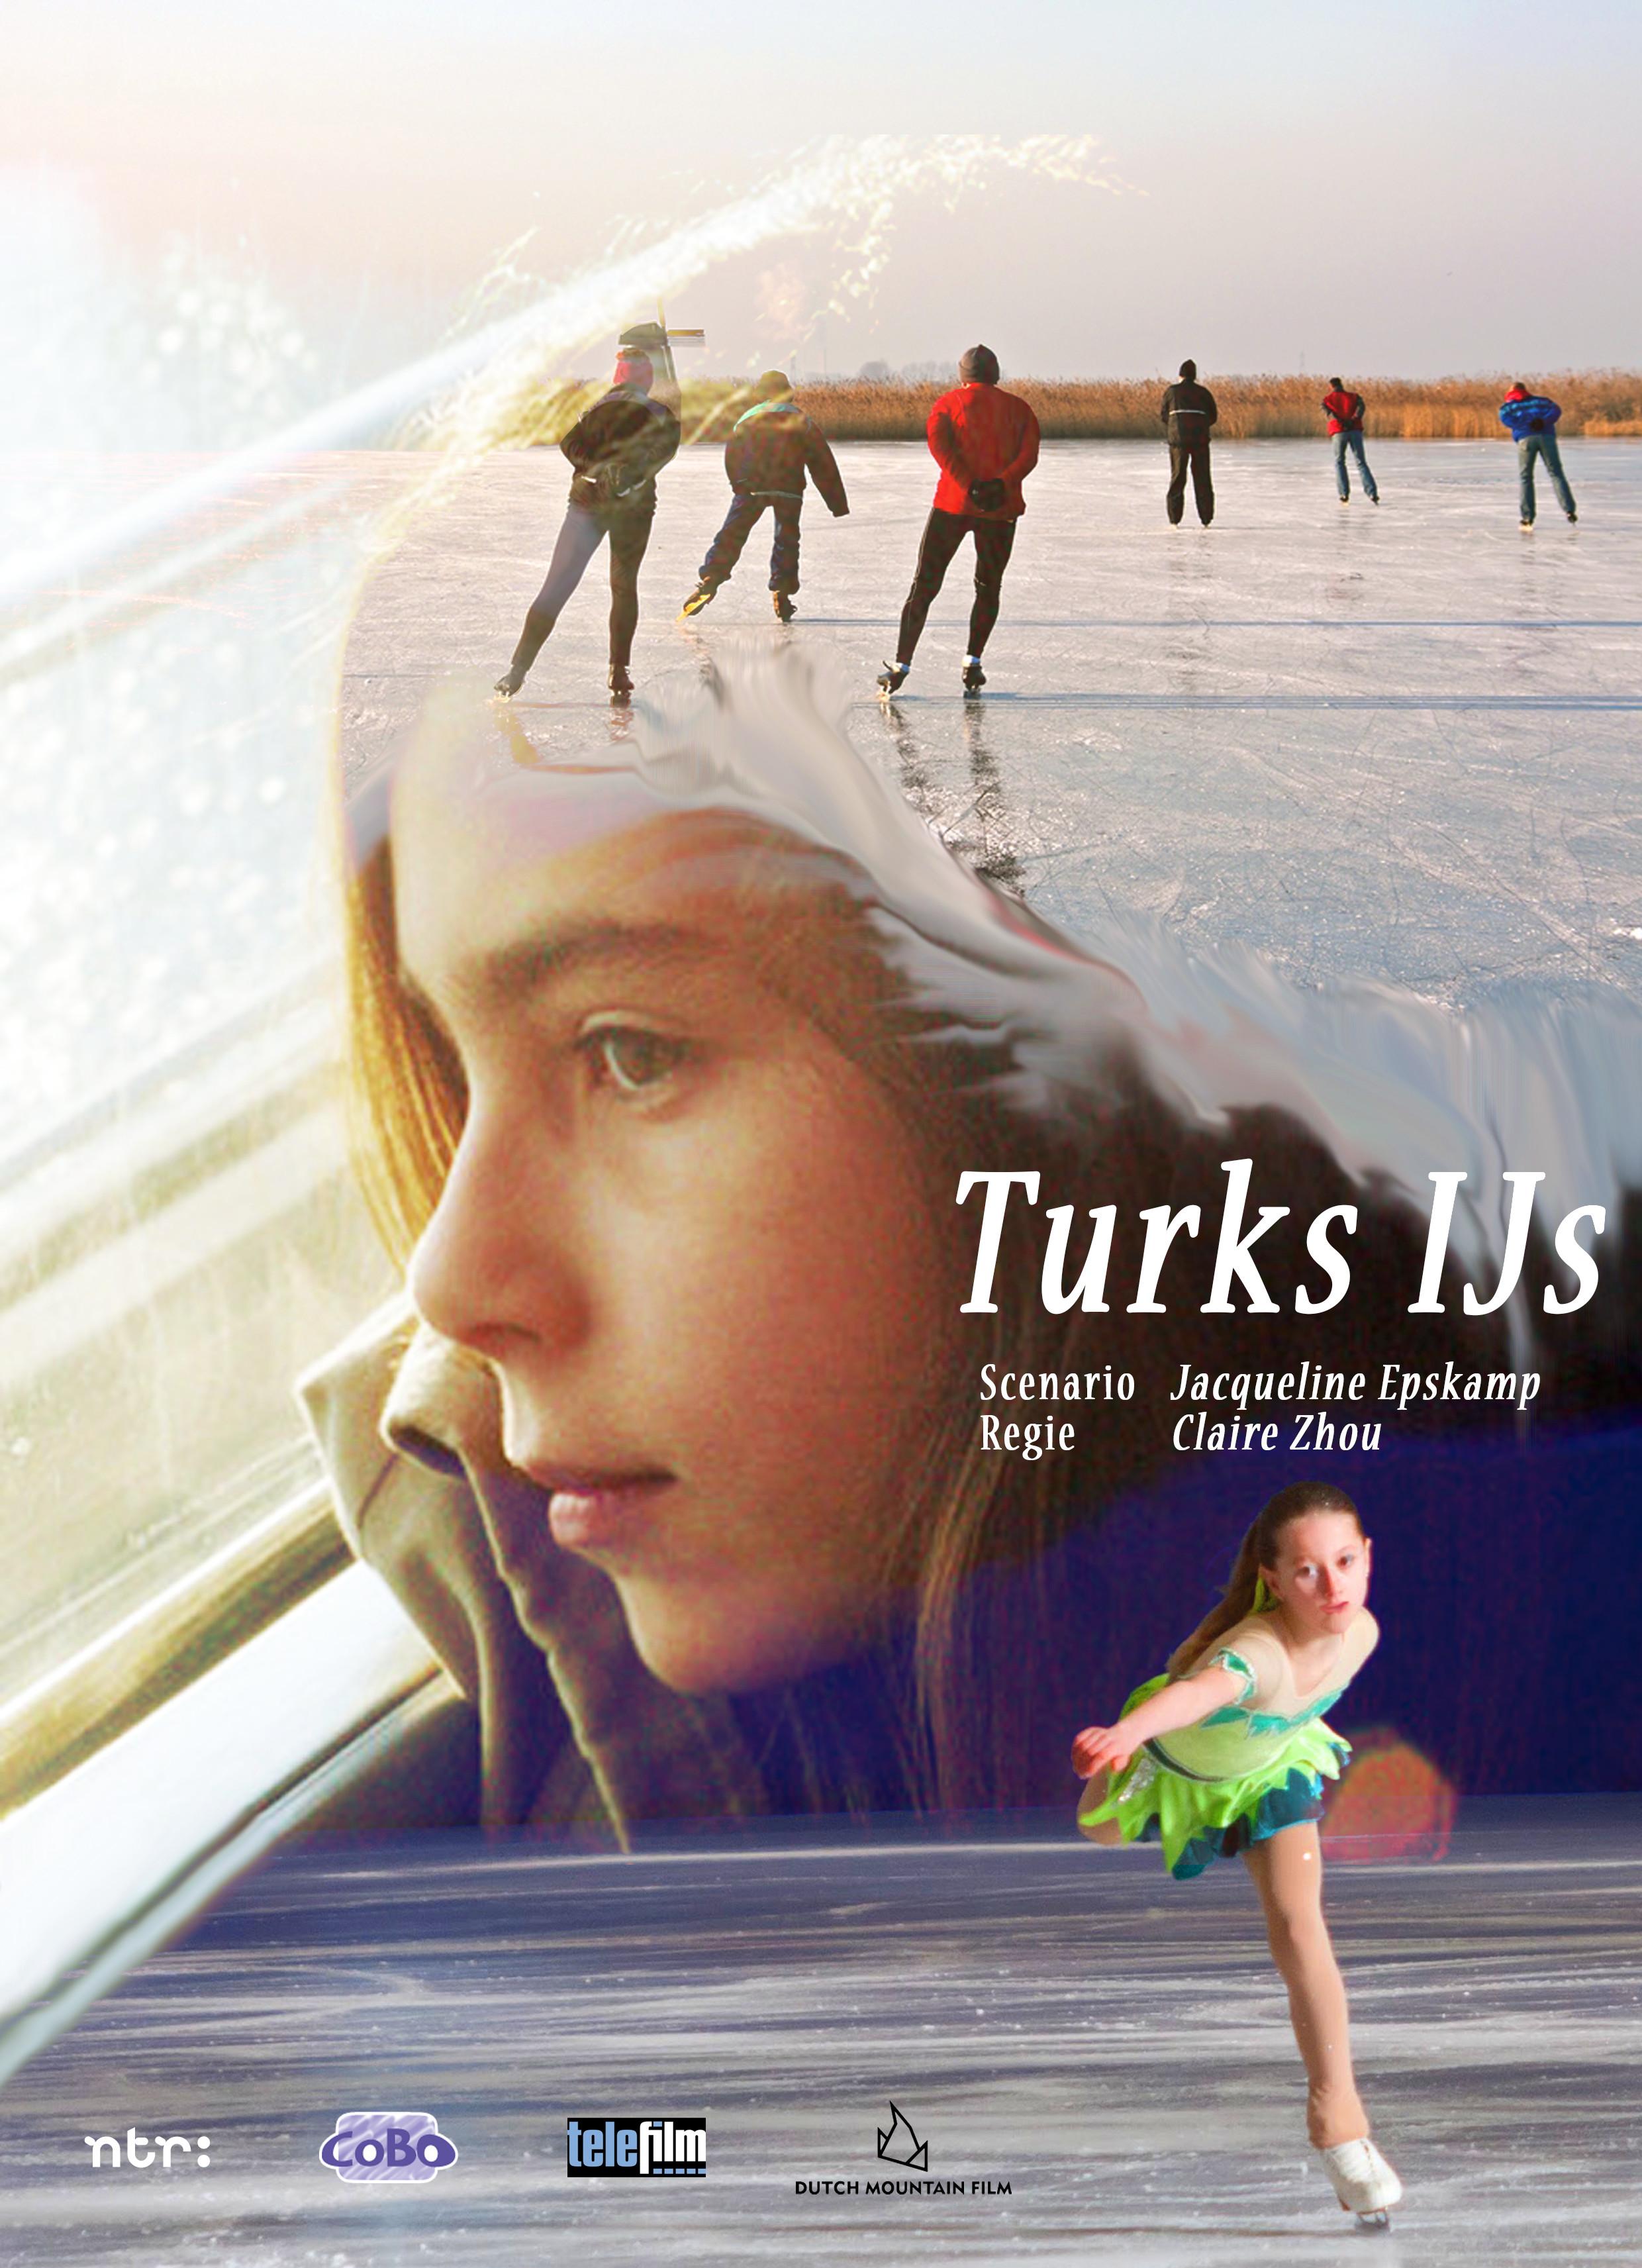 Turks IJs2